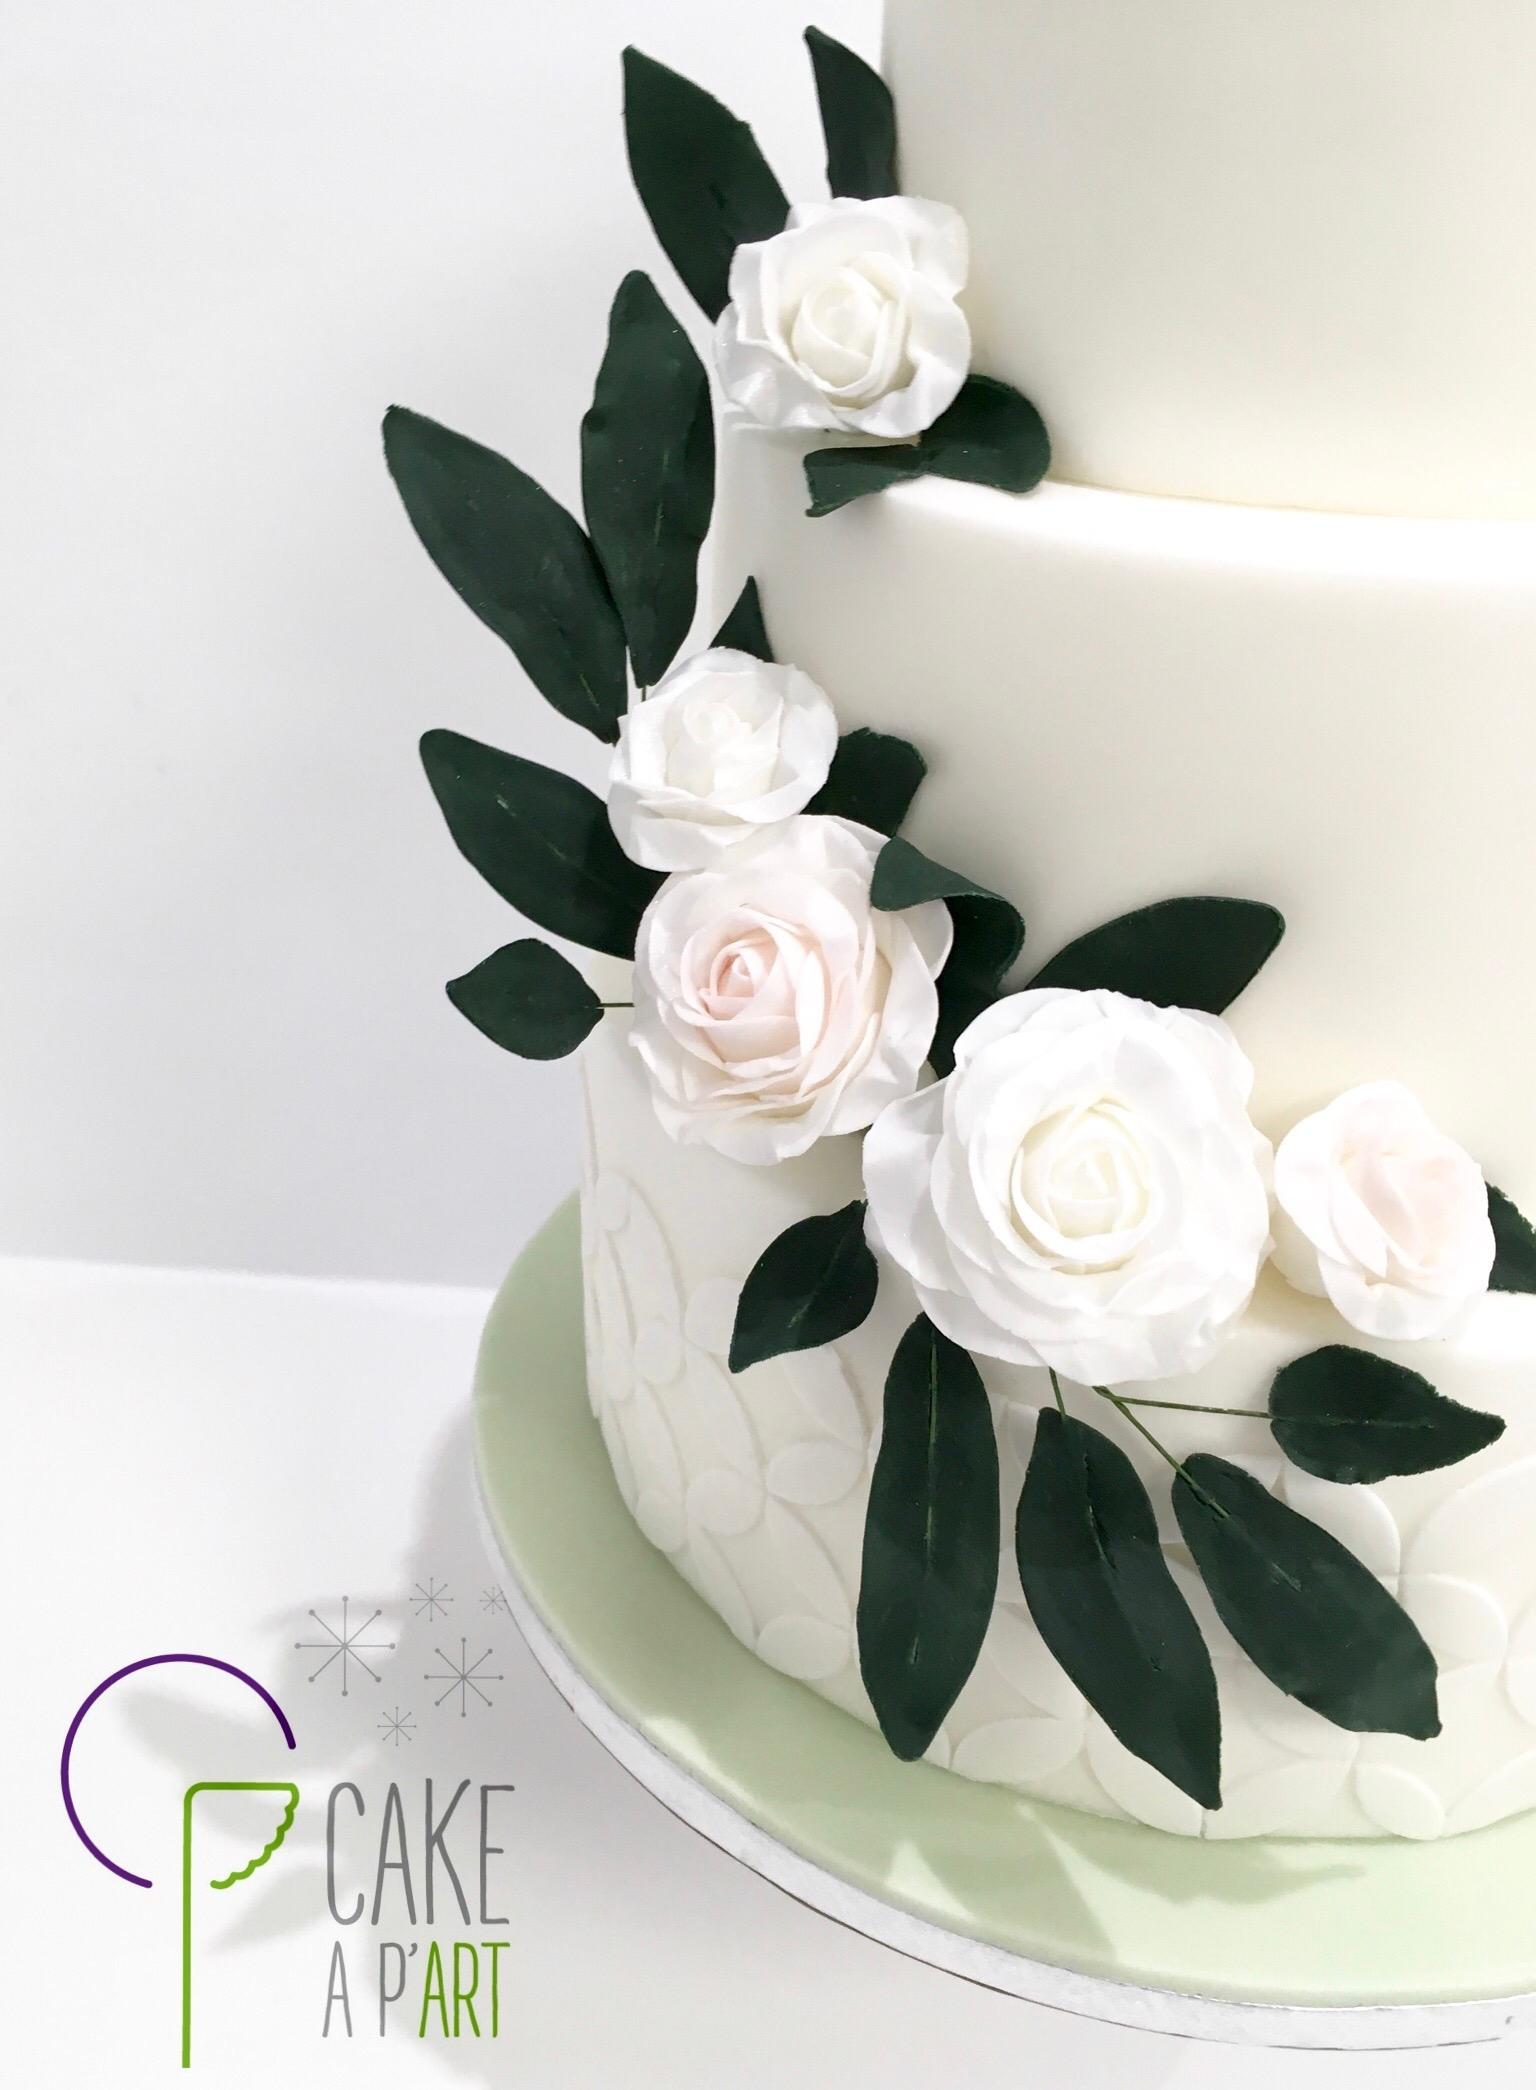 Décor en sucre gâteaux personnalisés - Mariage fleurs Couronne de roses